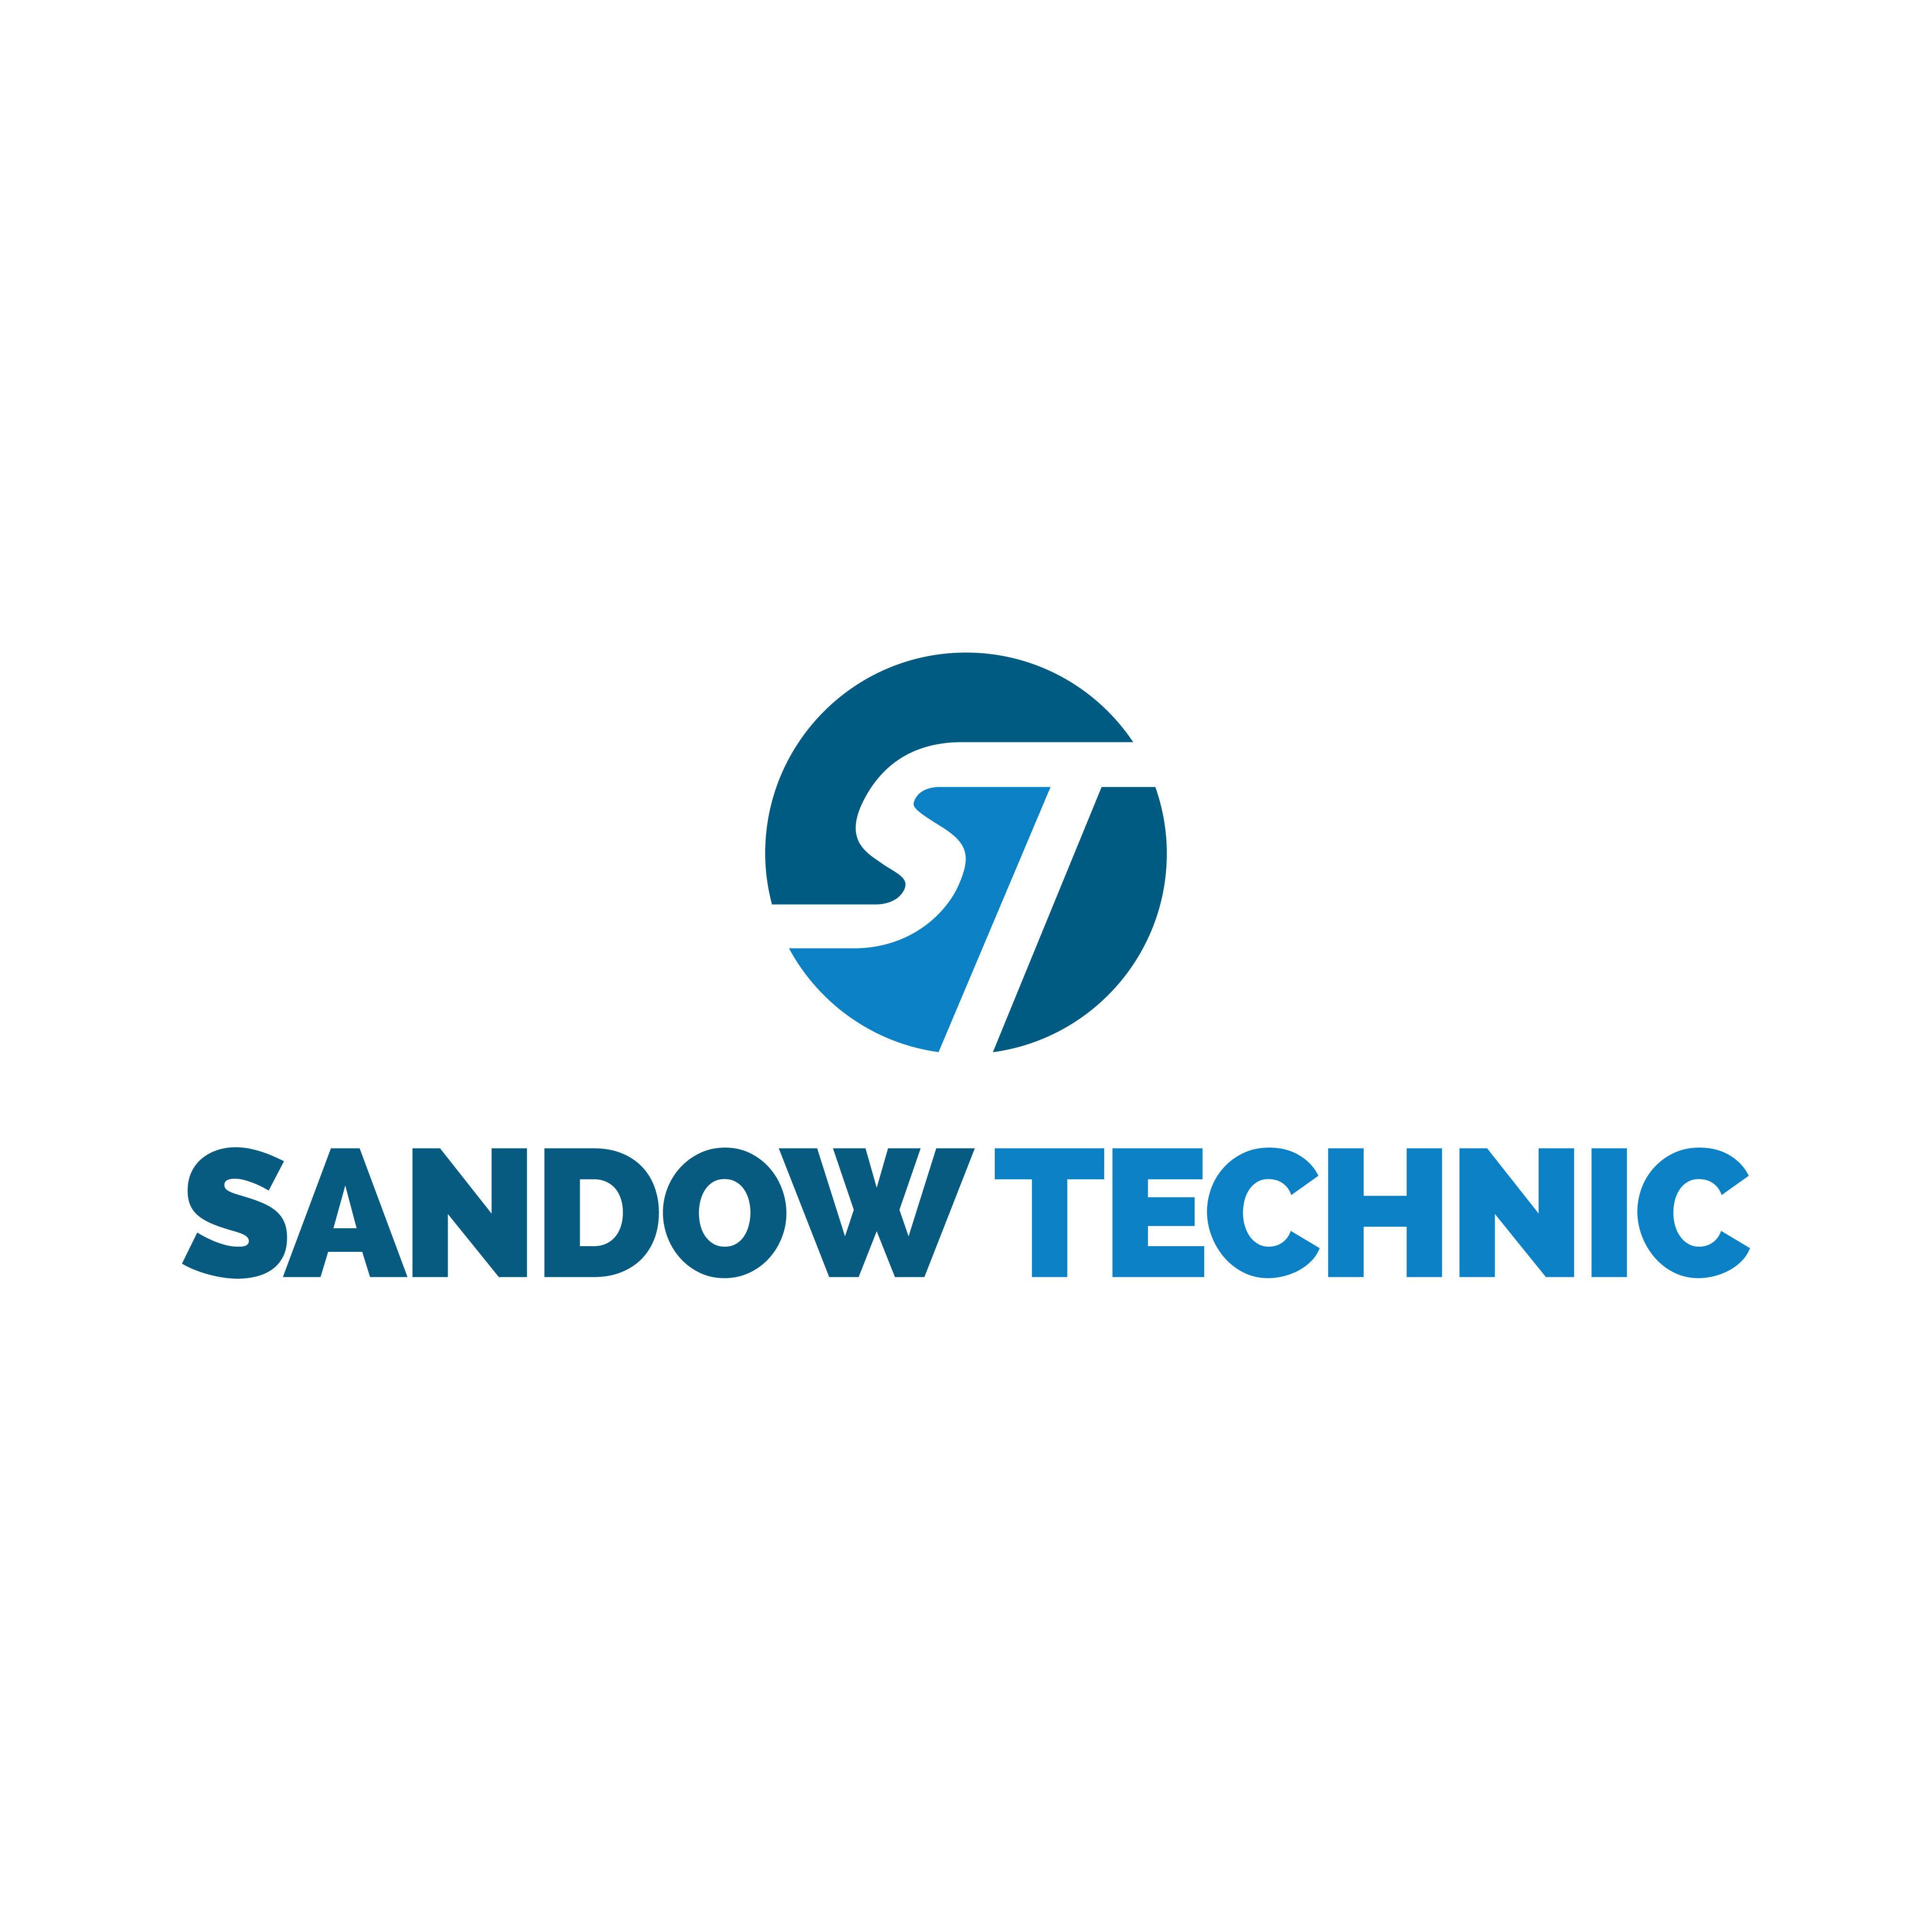 SANDOW TECHNIC Verbindungsbüro Deutschland